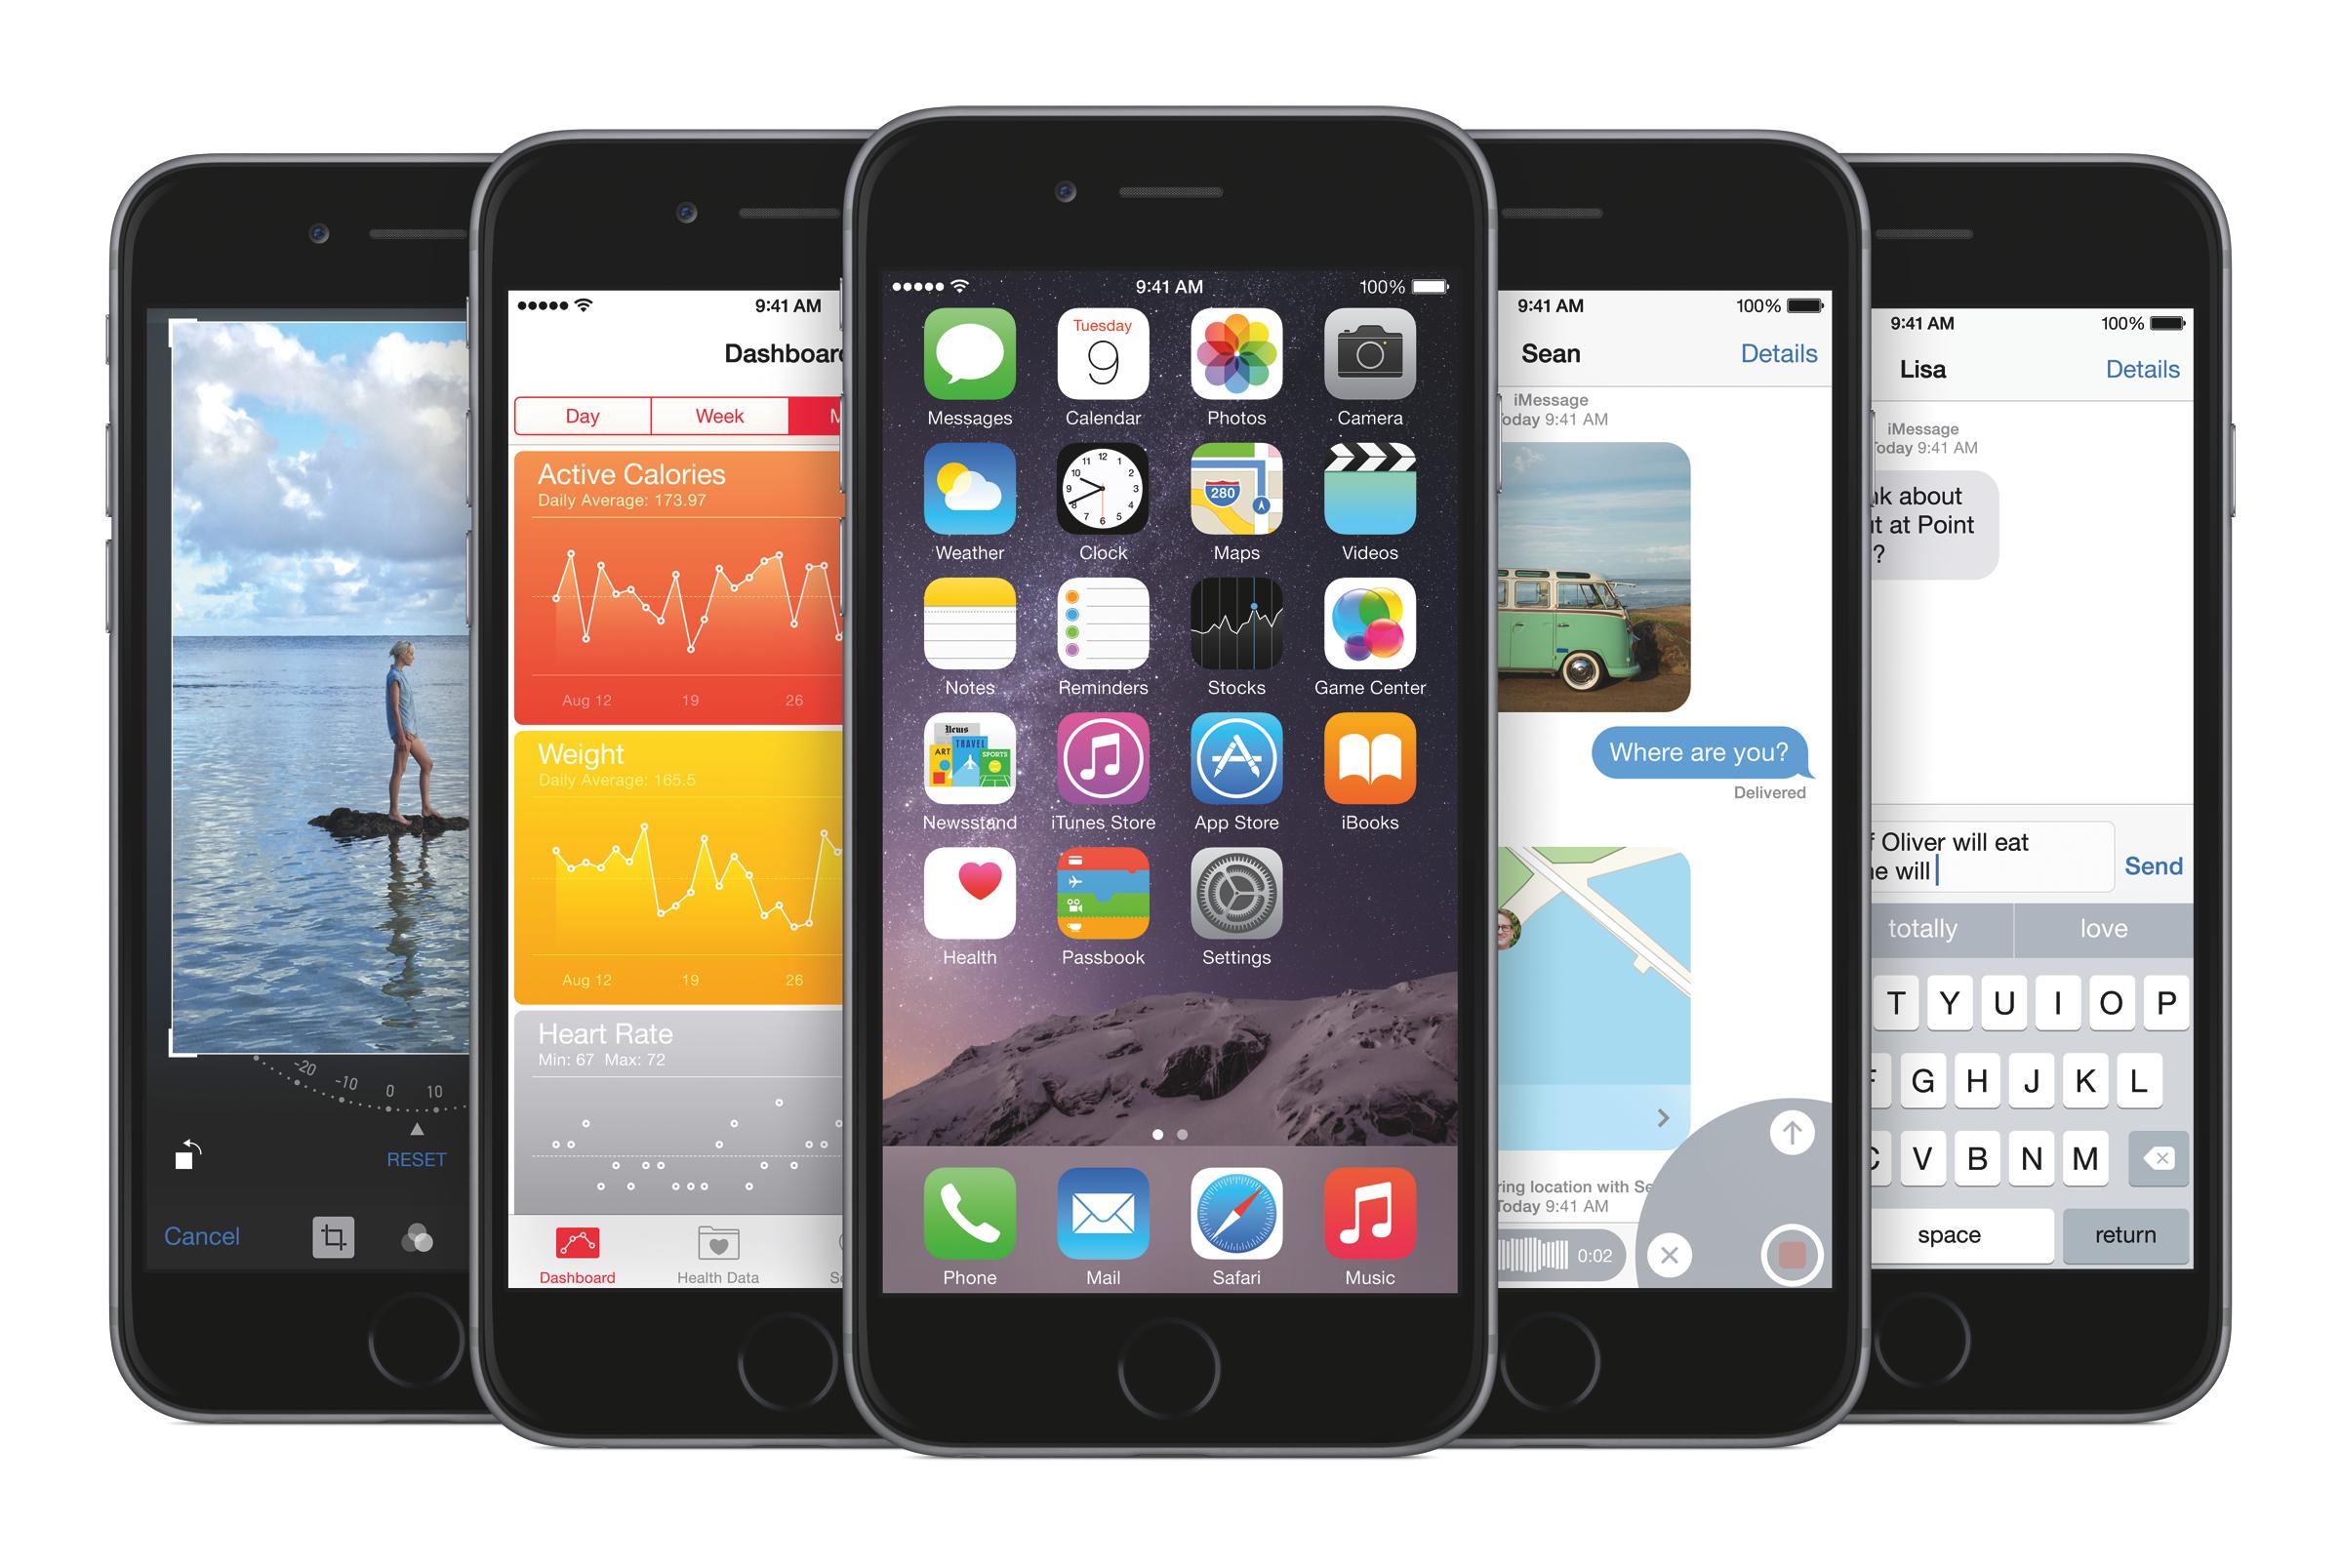 iOS 8 lead